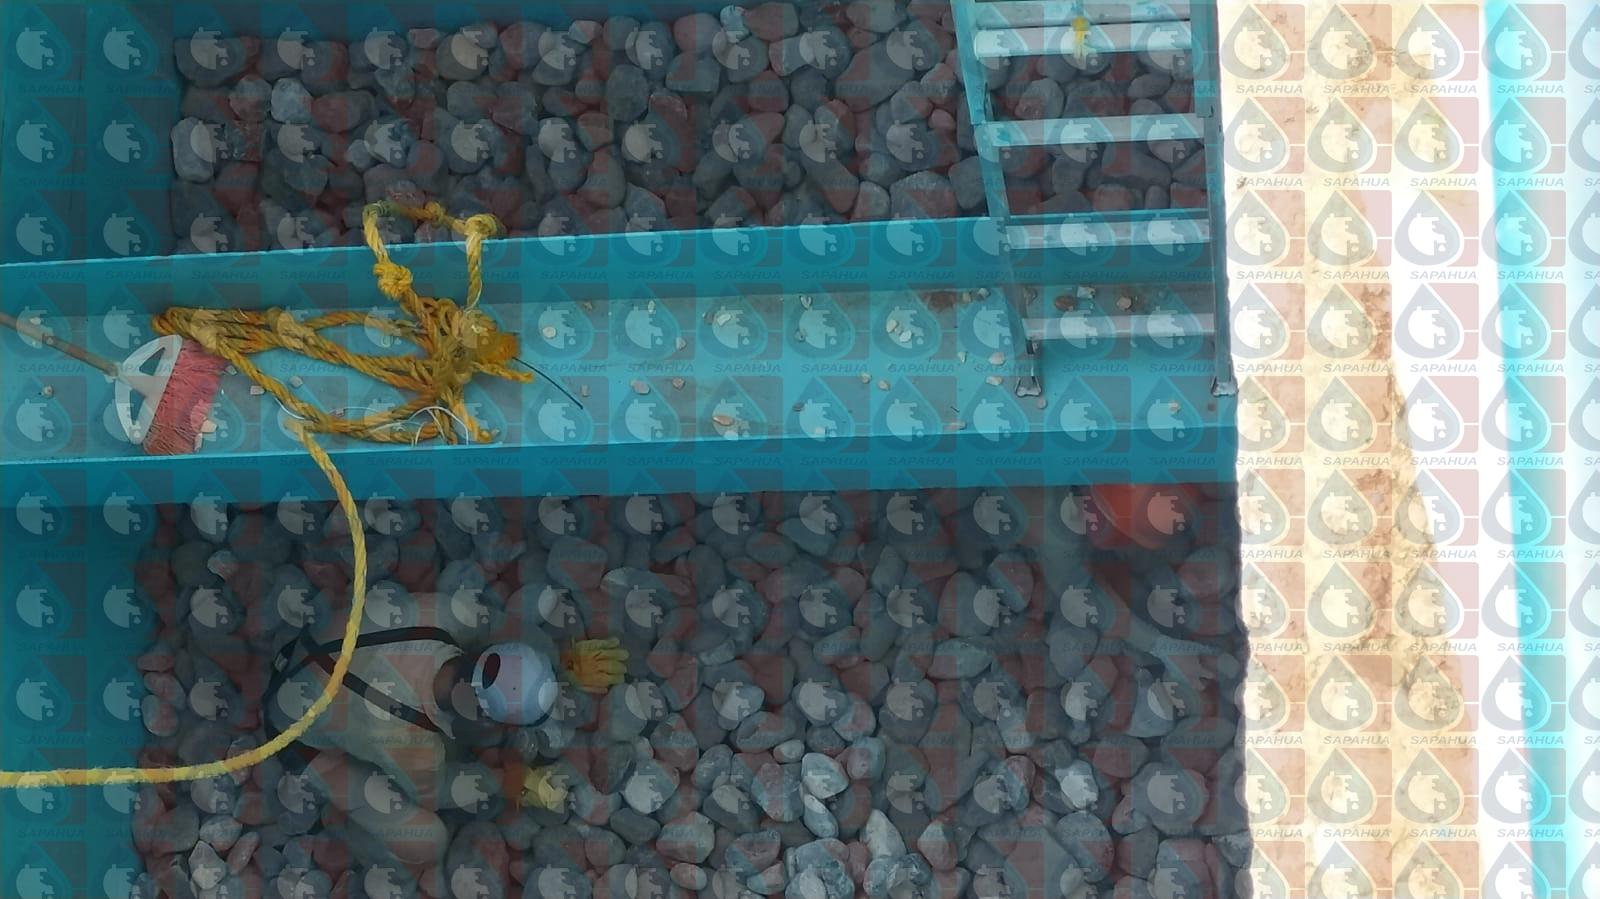 Colocación de la piedra bola en los filtros